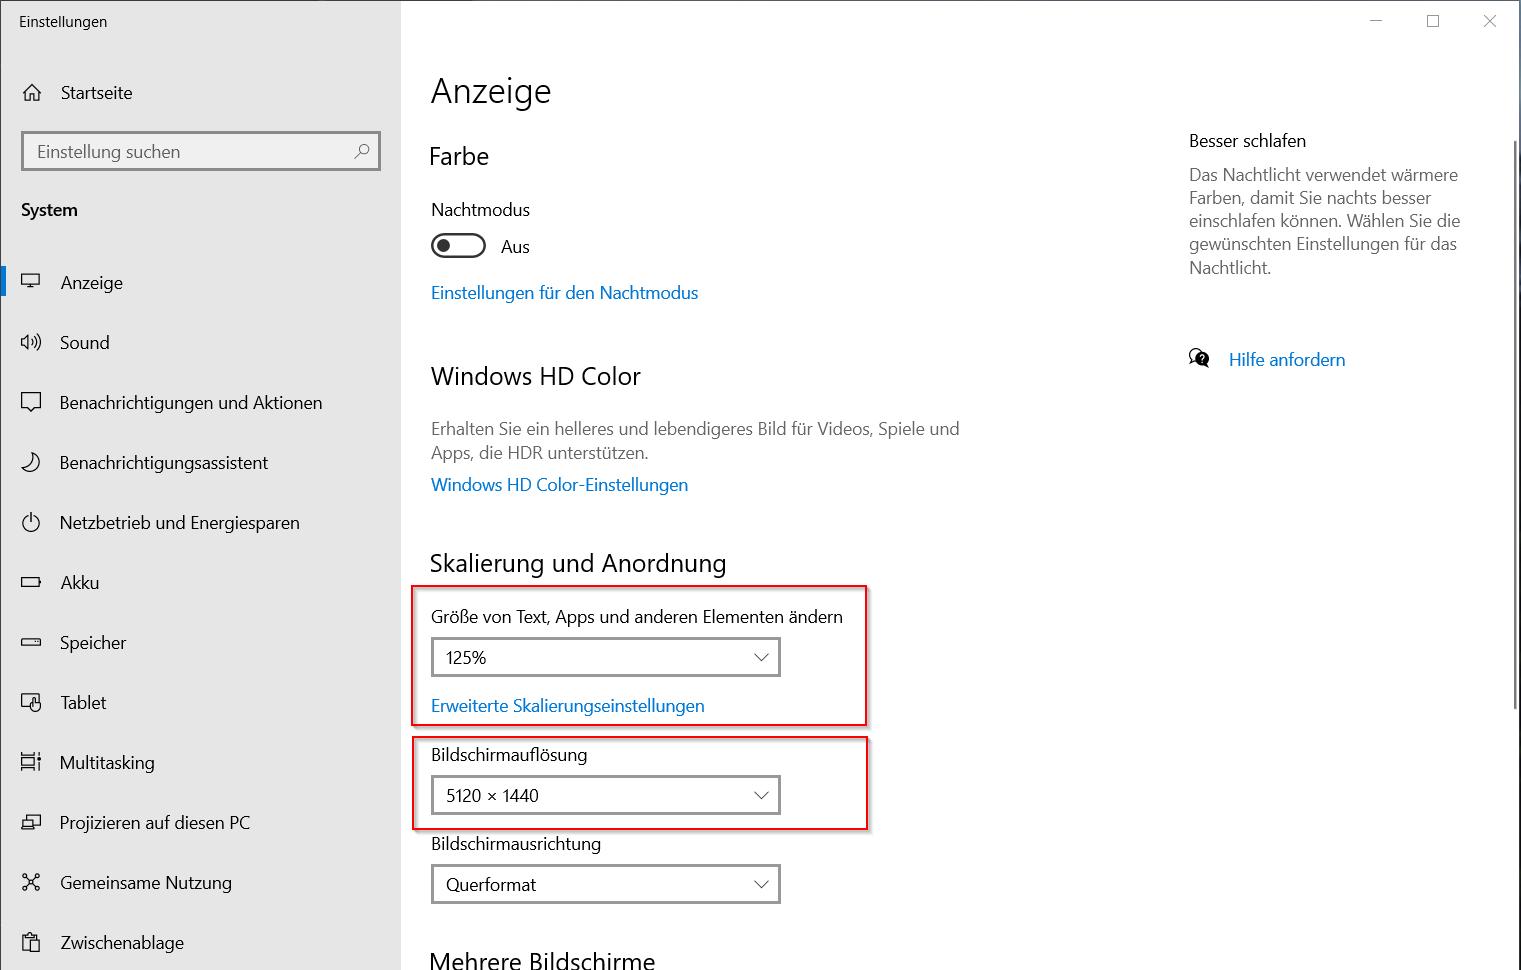 Windows - Anzeigeeinstellungen anpassen